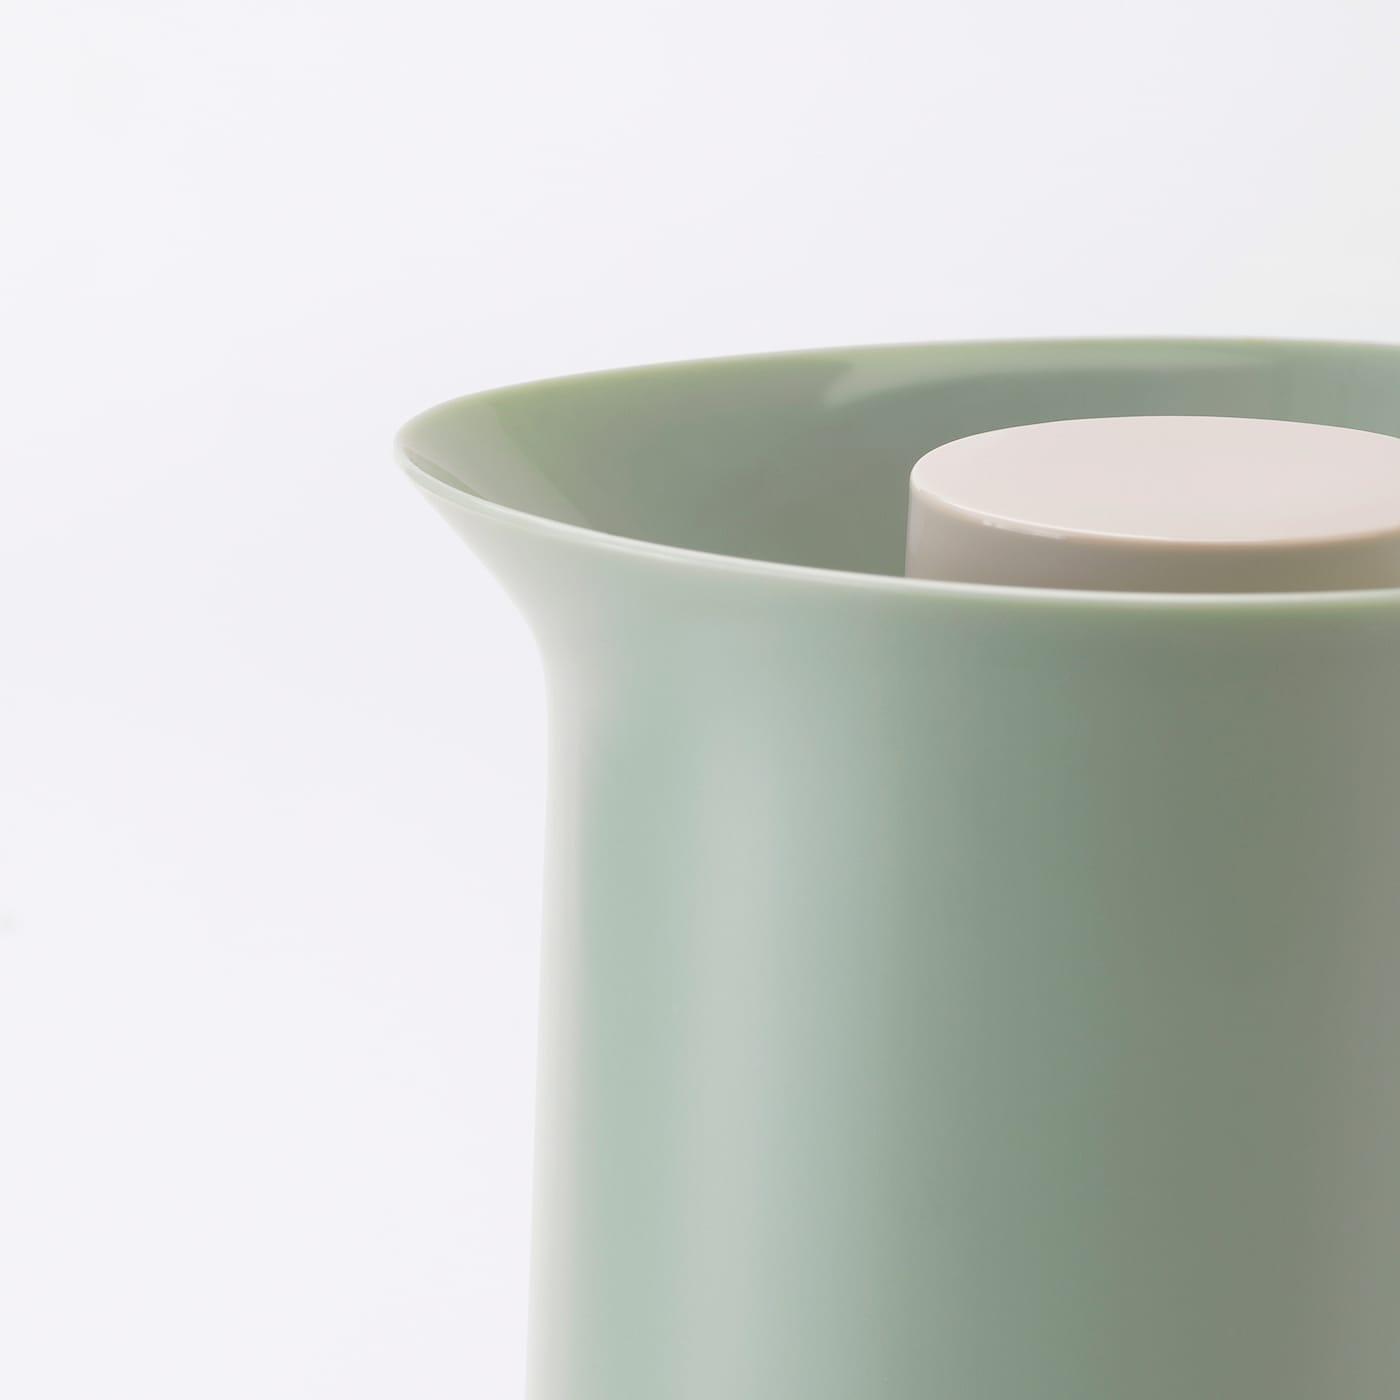 БЕХЕВД термос світло-зелений/бежевий 30 см 1 л